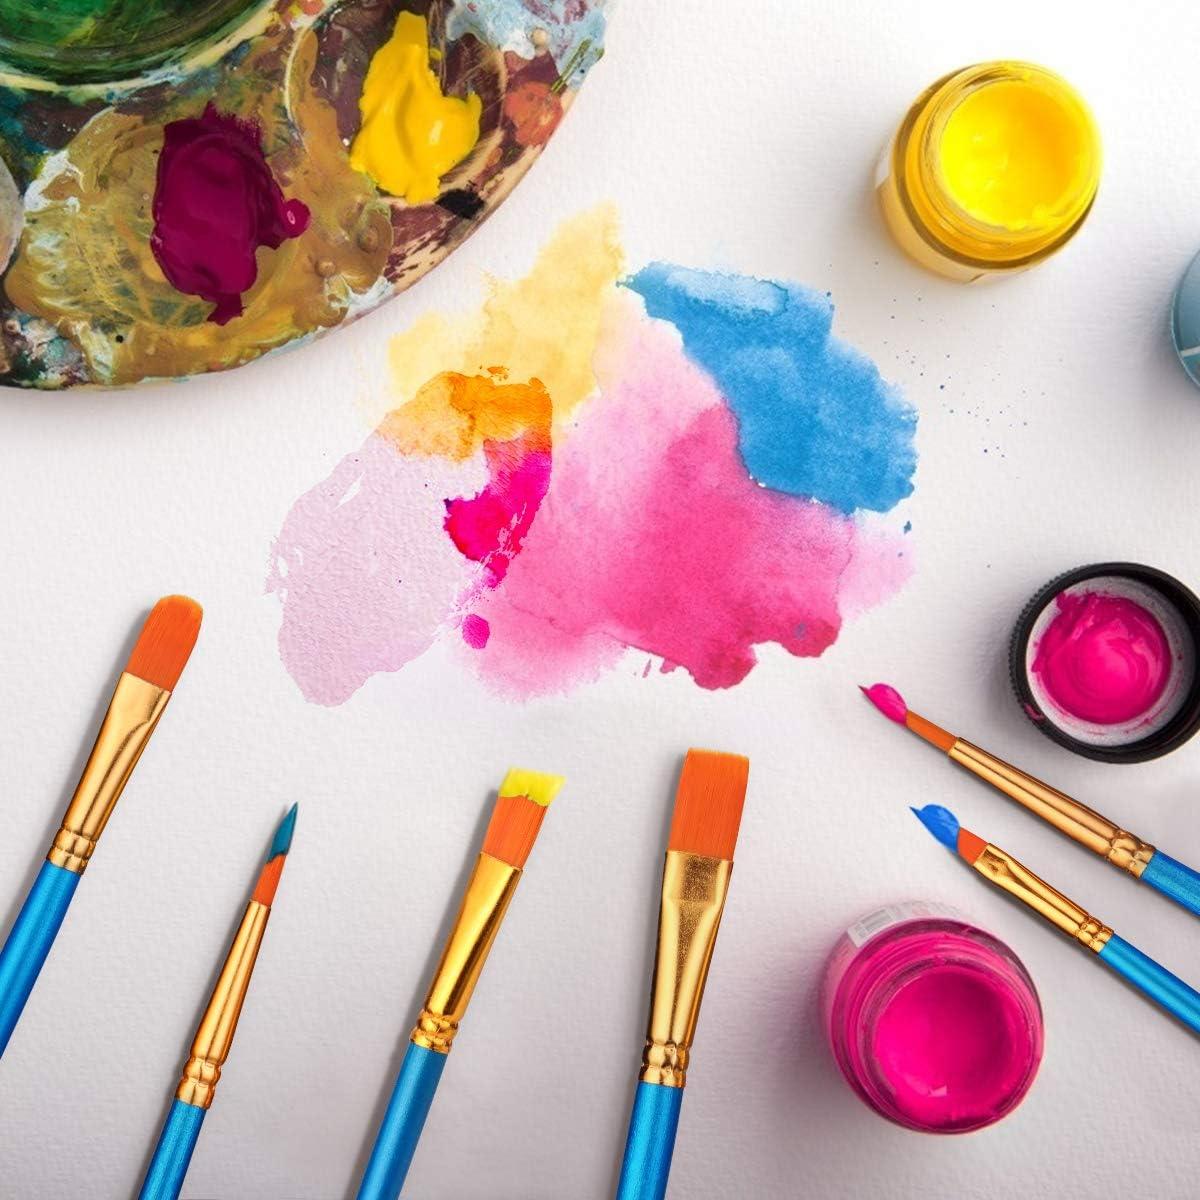 30 Pz Pennelli Dipingere Pennelli Pittura Nylon Set per Principianti Bambini Artisti Moonlisa Nylon Artista Pennello Amanti della Pittura Olio e Modello Viso Painting Arte